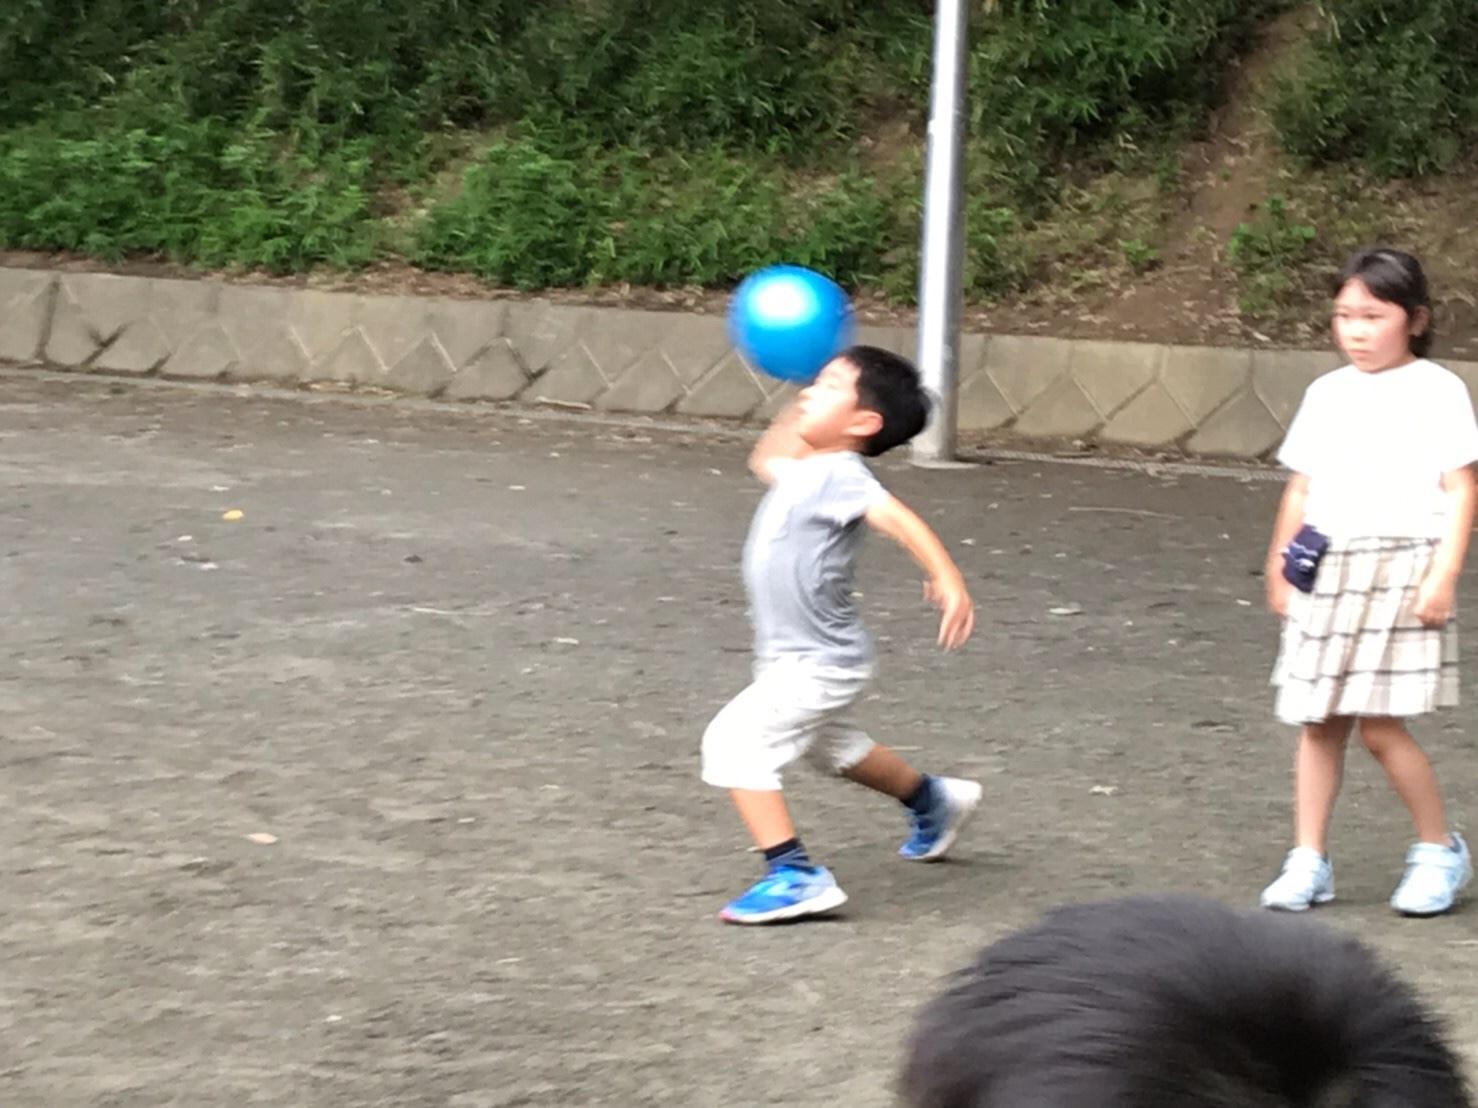 新江ノ島水族館・ドッチボール大会_e0131910_09595779.jpg